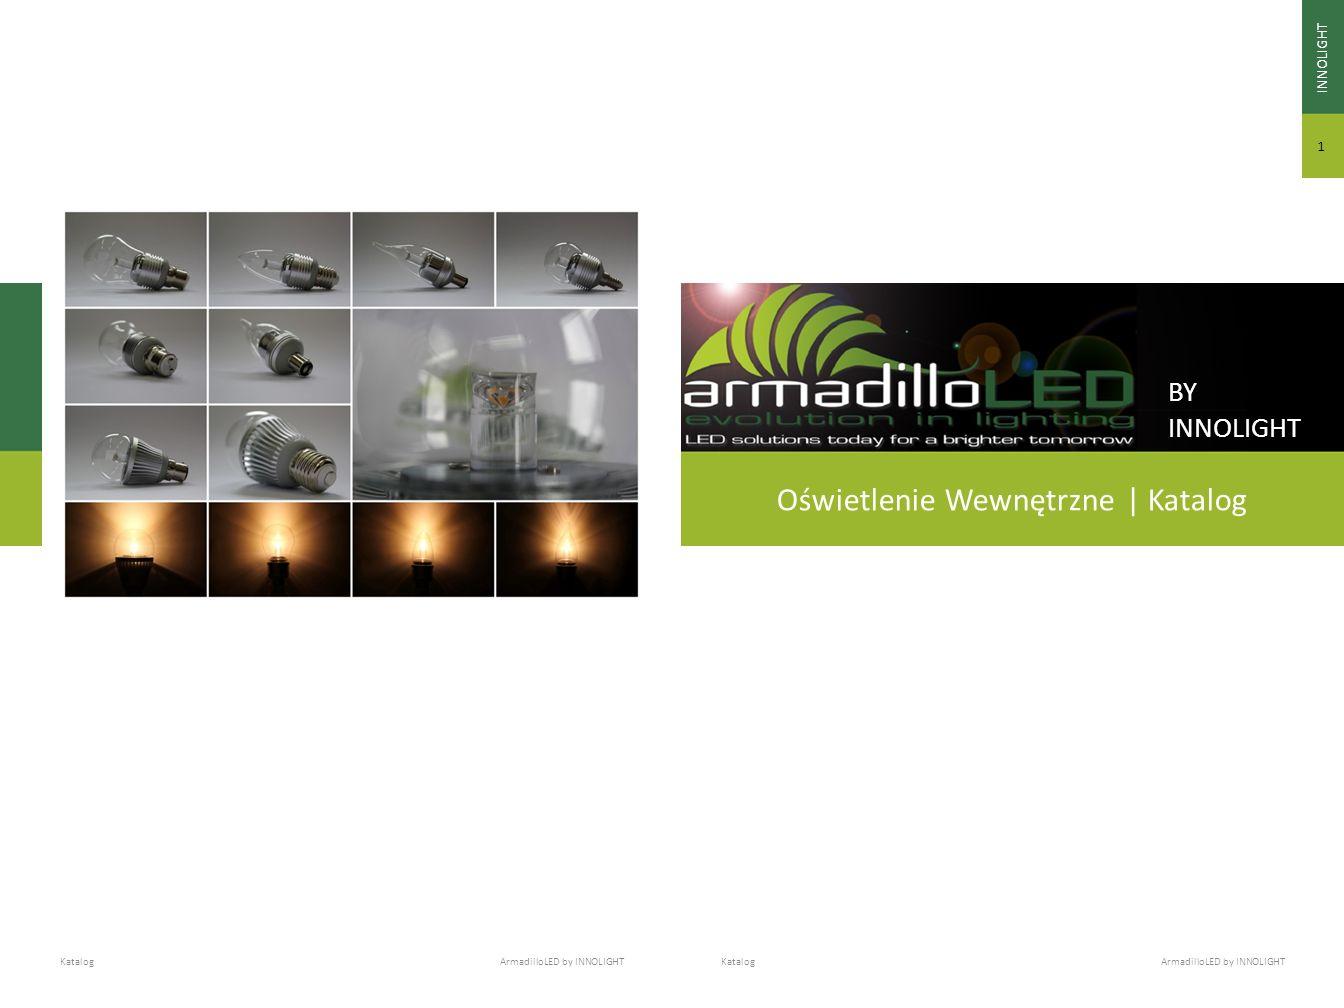 Oświetlenie Wewnętrzne | Katalog